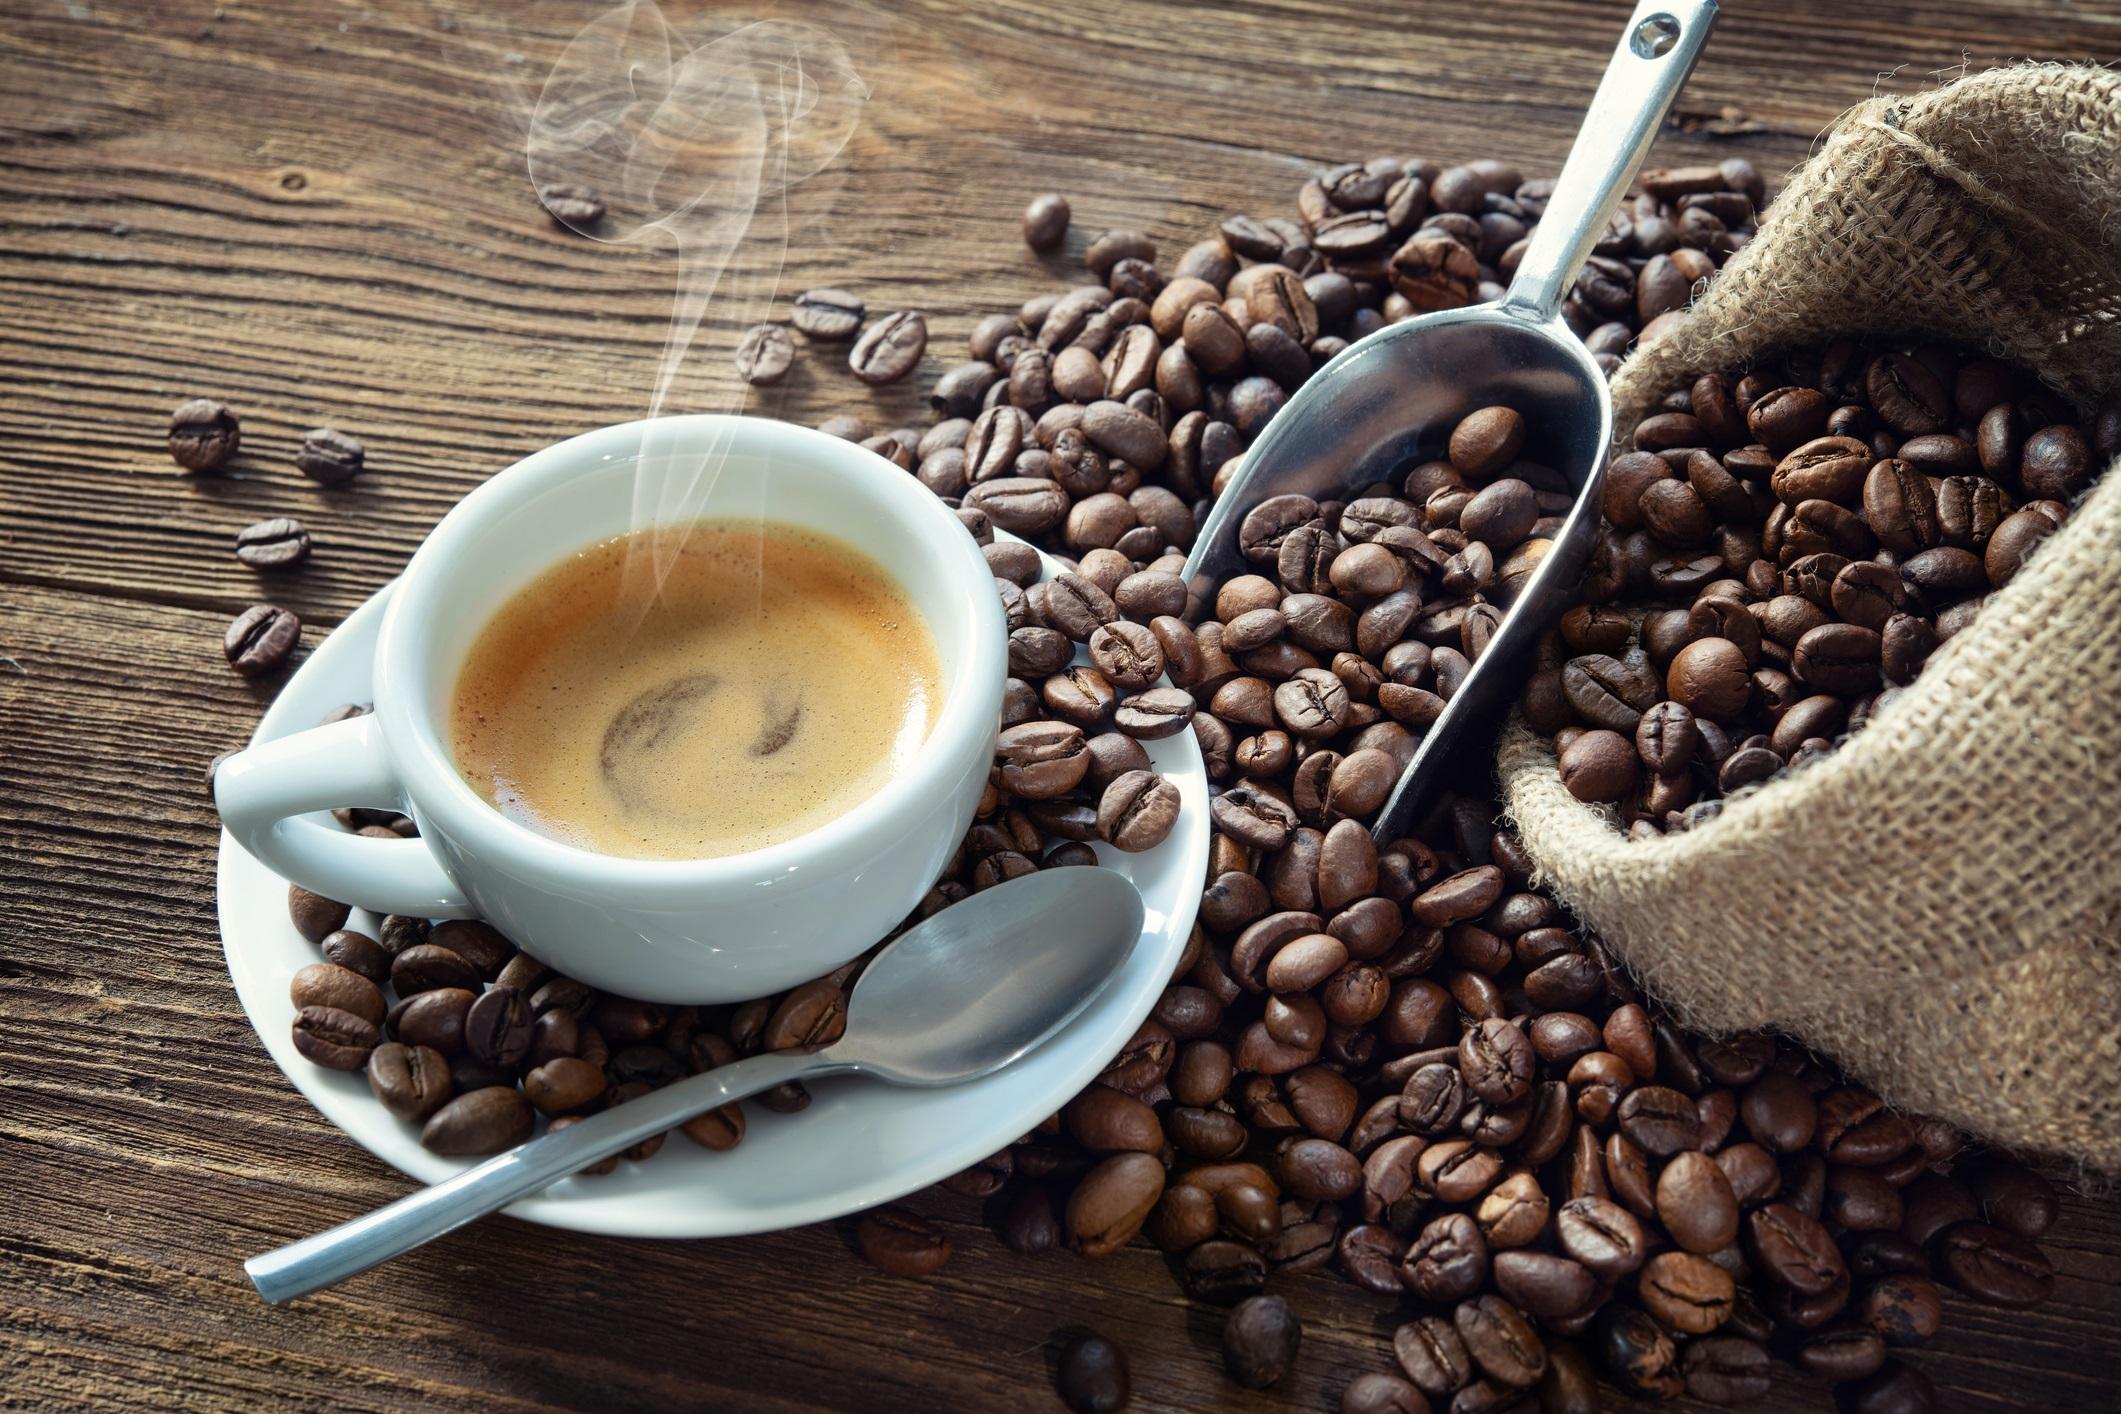 <p><strong>Хора със свръхактивен пикочен мехур</strong></p>  <p>Всички знаем, че е най-добре да избягвате голяма чаша кафе преди дълго пътуване. Приемът на кофеин може да увеличи както честотата на уриниране, така и спешността. Ако не пиете редовно кафе, може да сте още по-чувствителни към този ефект.</p>